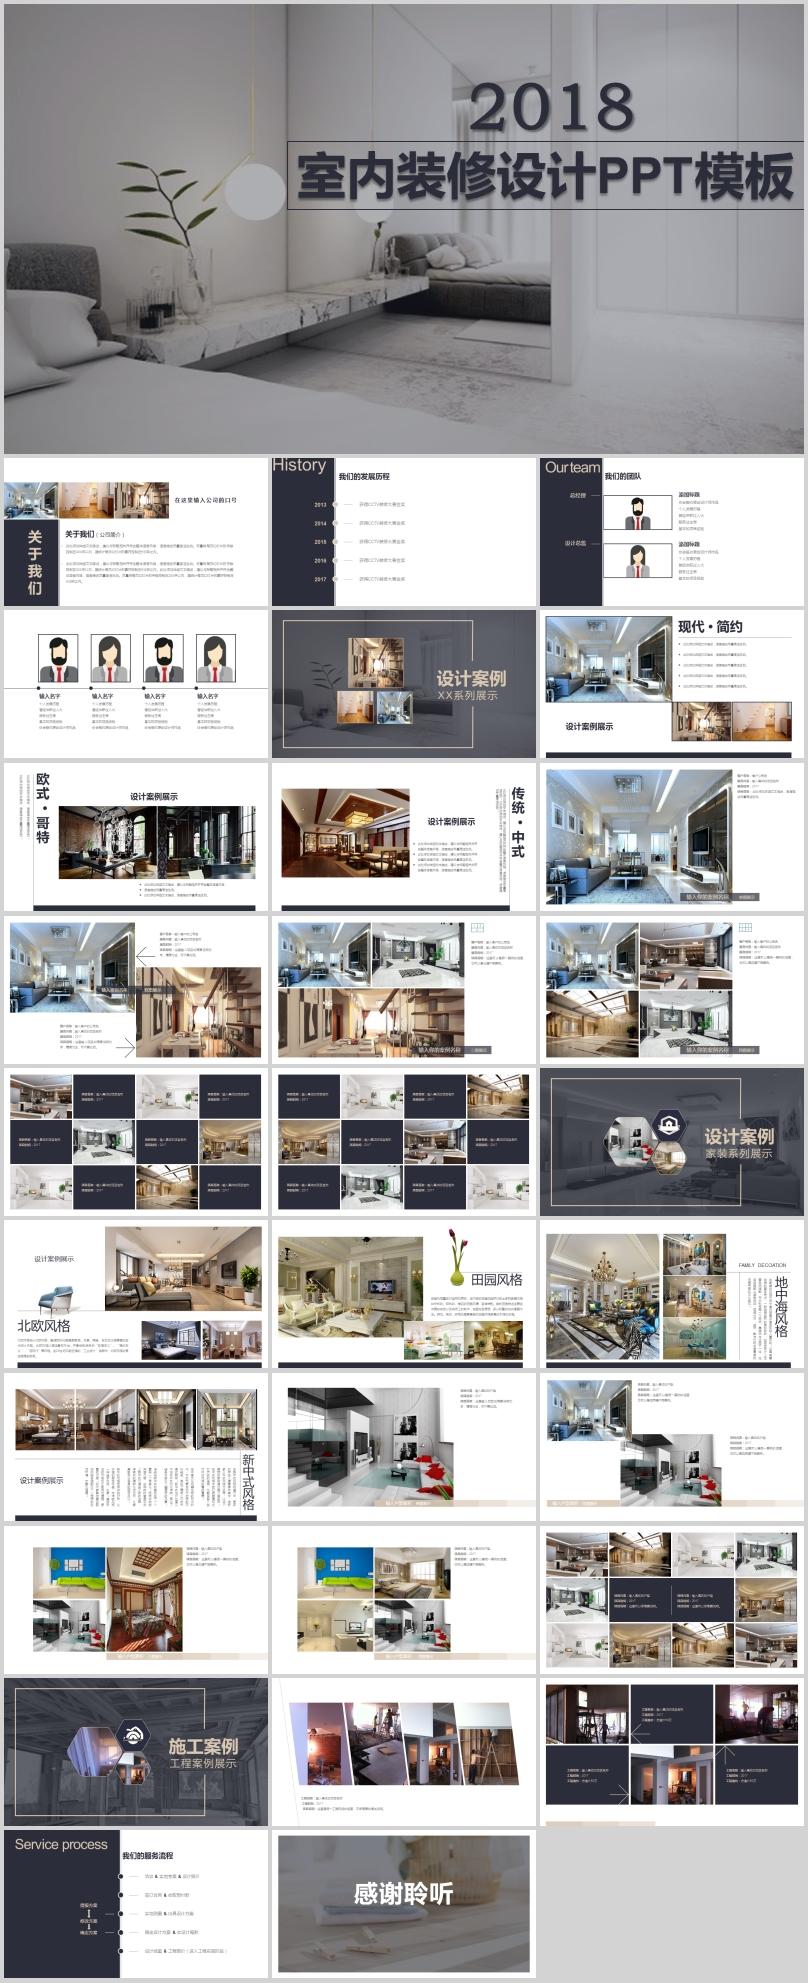 作品标题:简约室内装修设计项目展示ppt模板